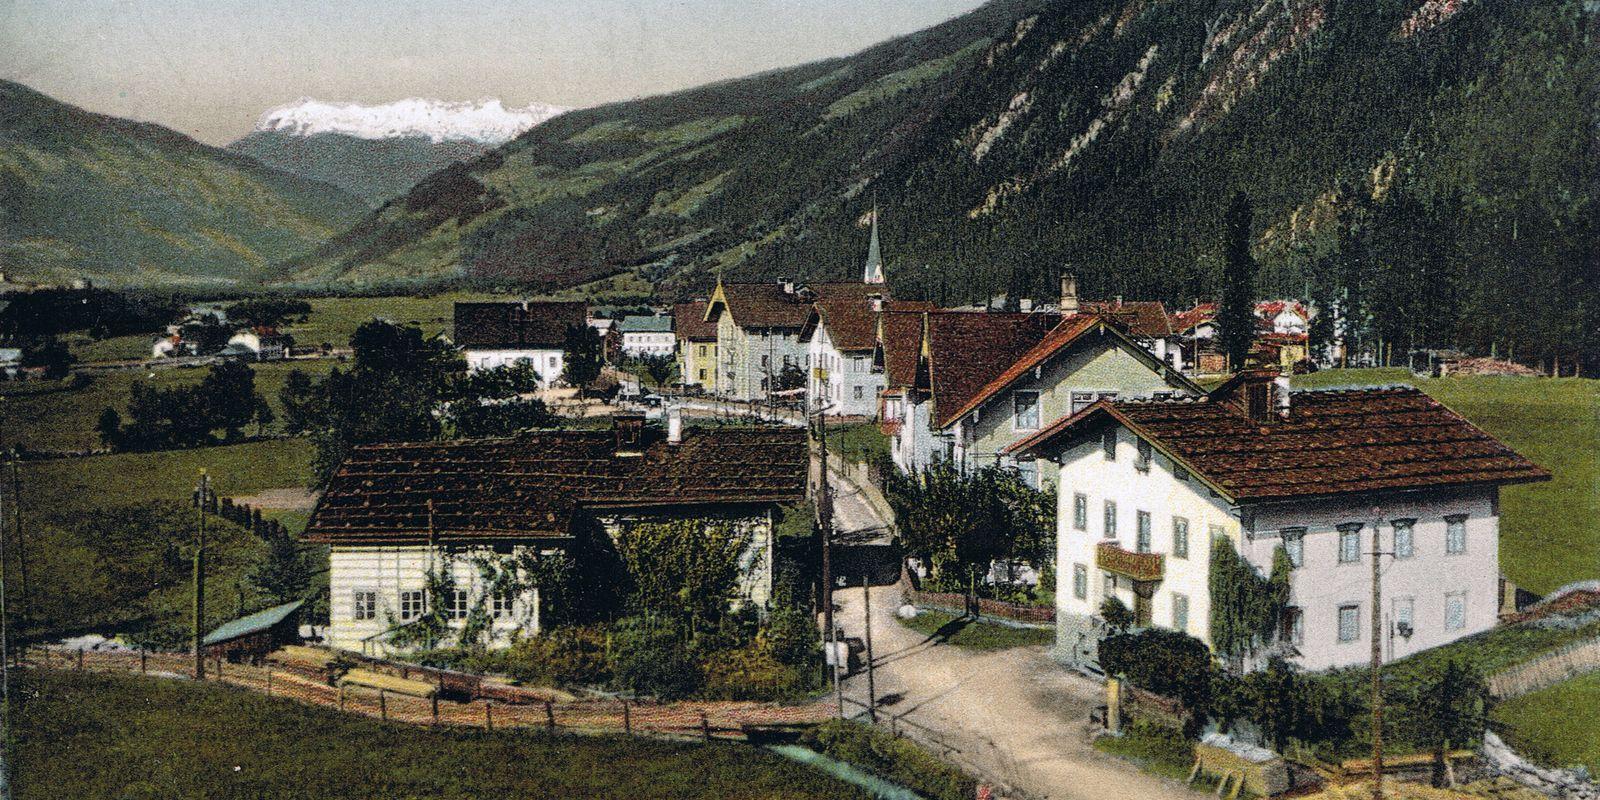 Apparthotel Ederfeld - Ein Haus mit einer langer Geschichte